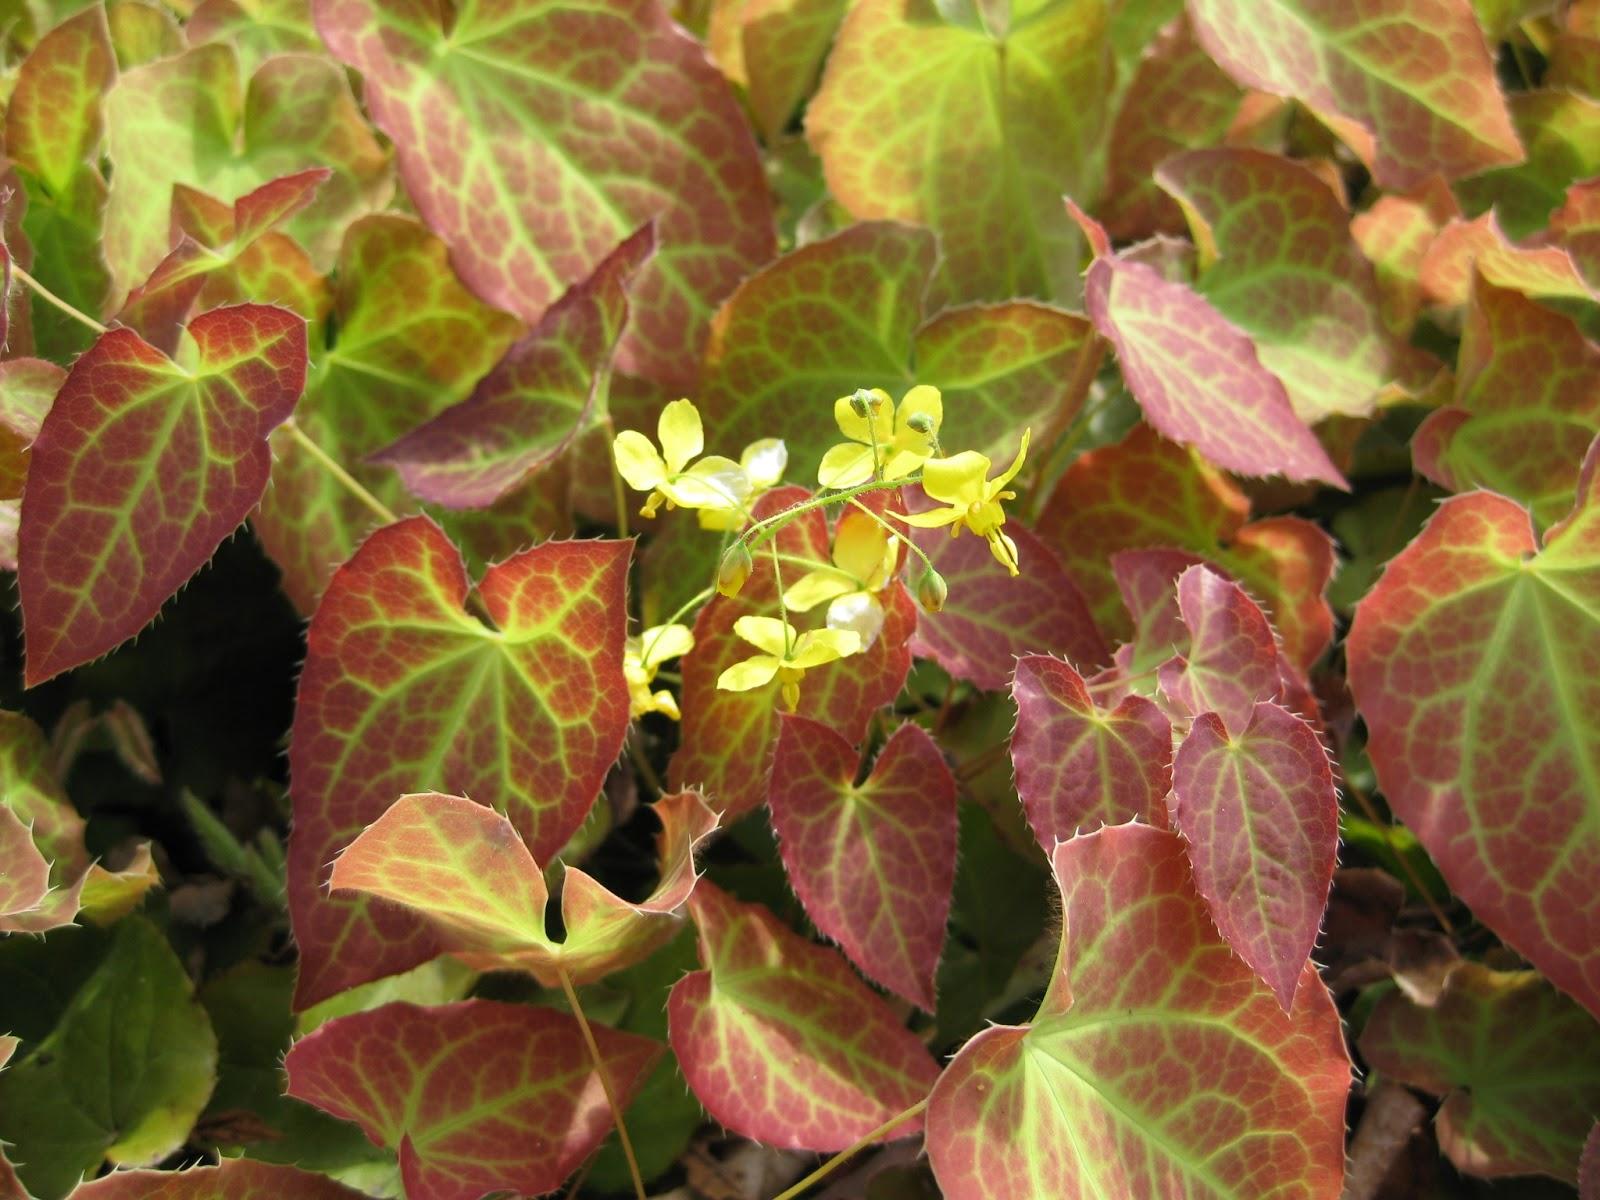 Rotary Botanical Gardens - Hort Blog: Barrenwort Foliage